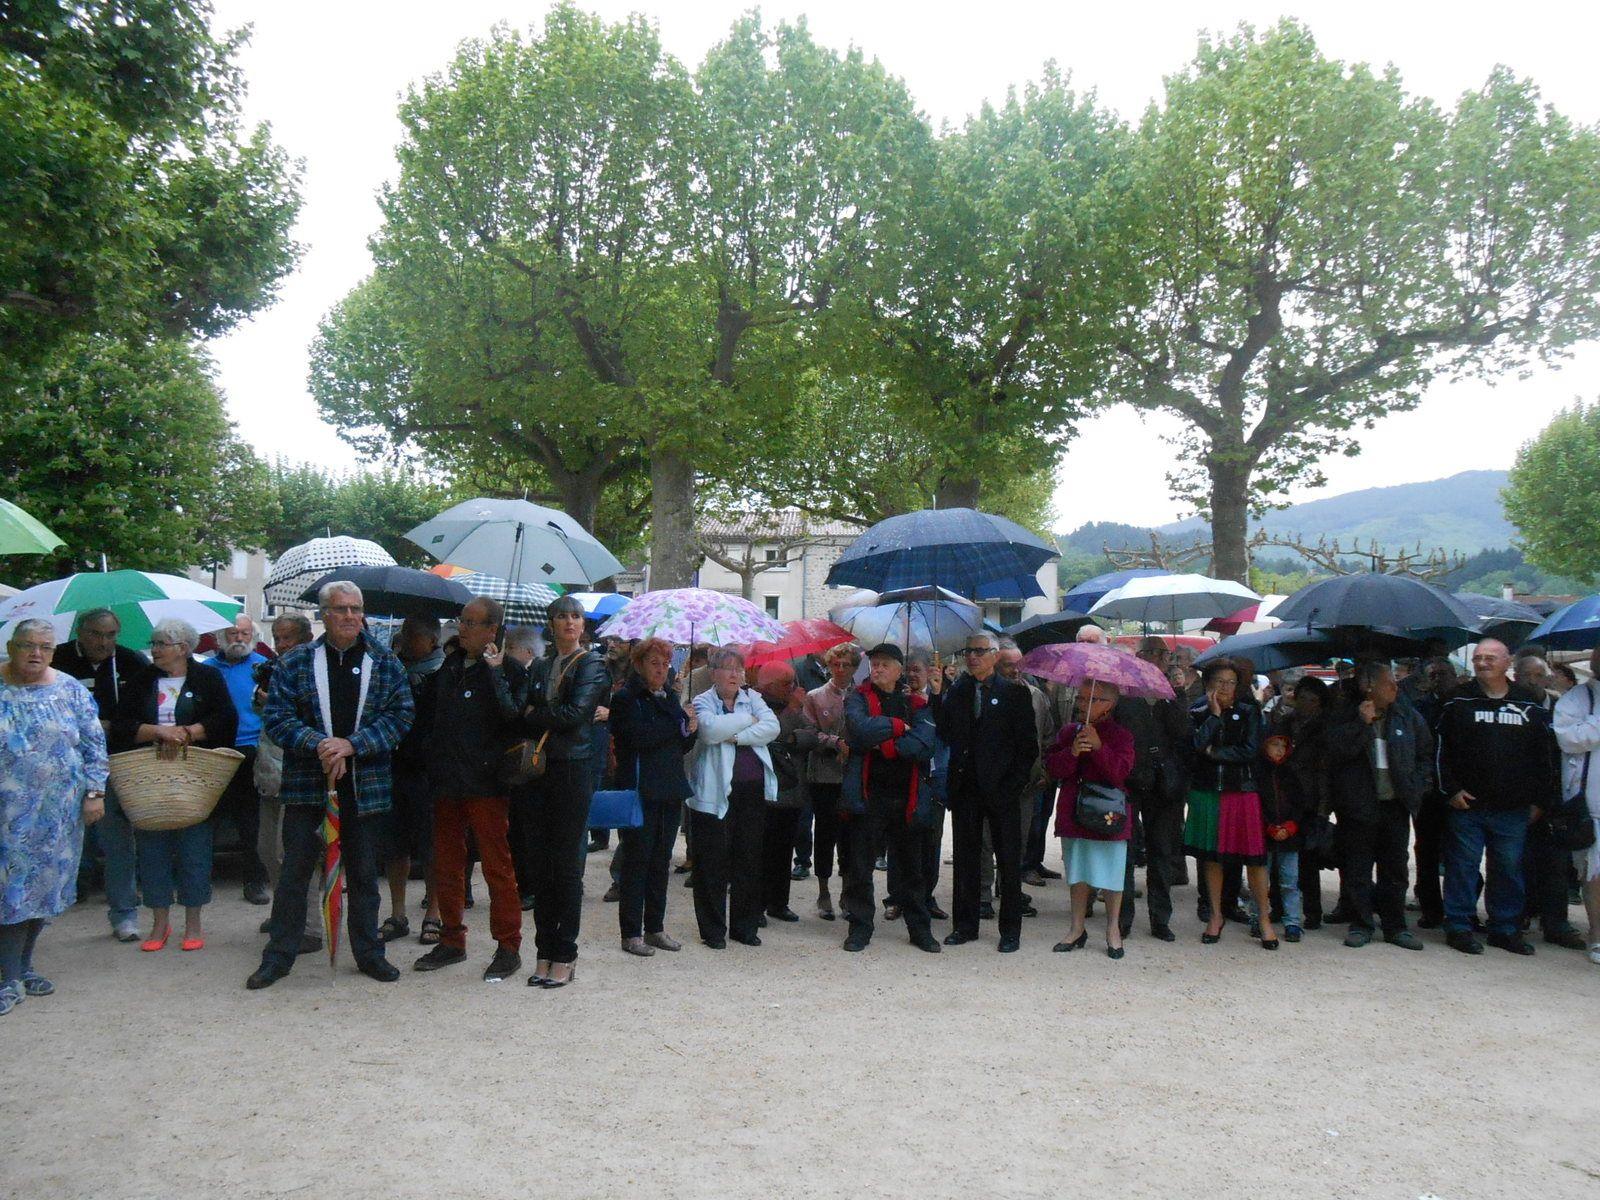 Au fur et à mesure de la cérémonie, les parapluies vont s'ouvrir